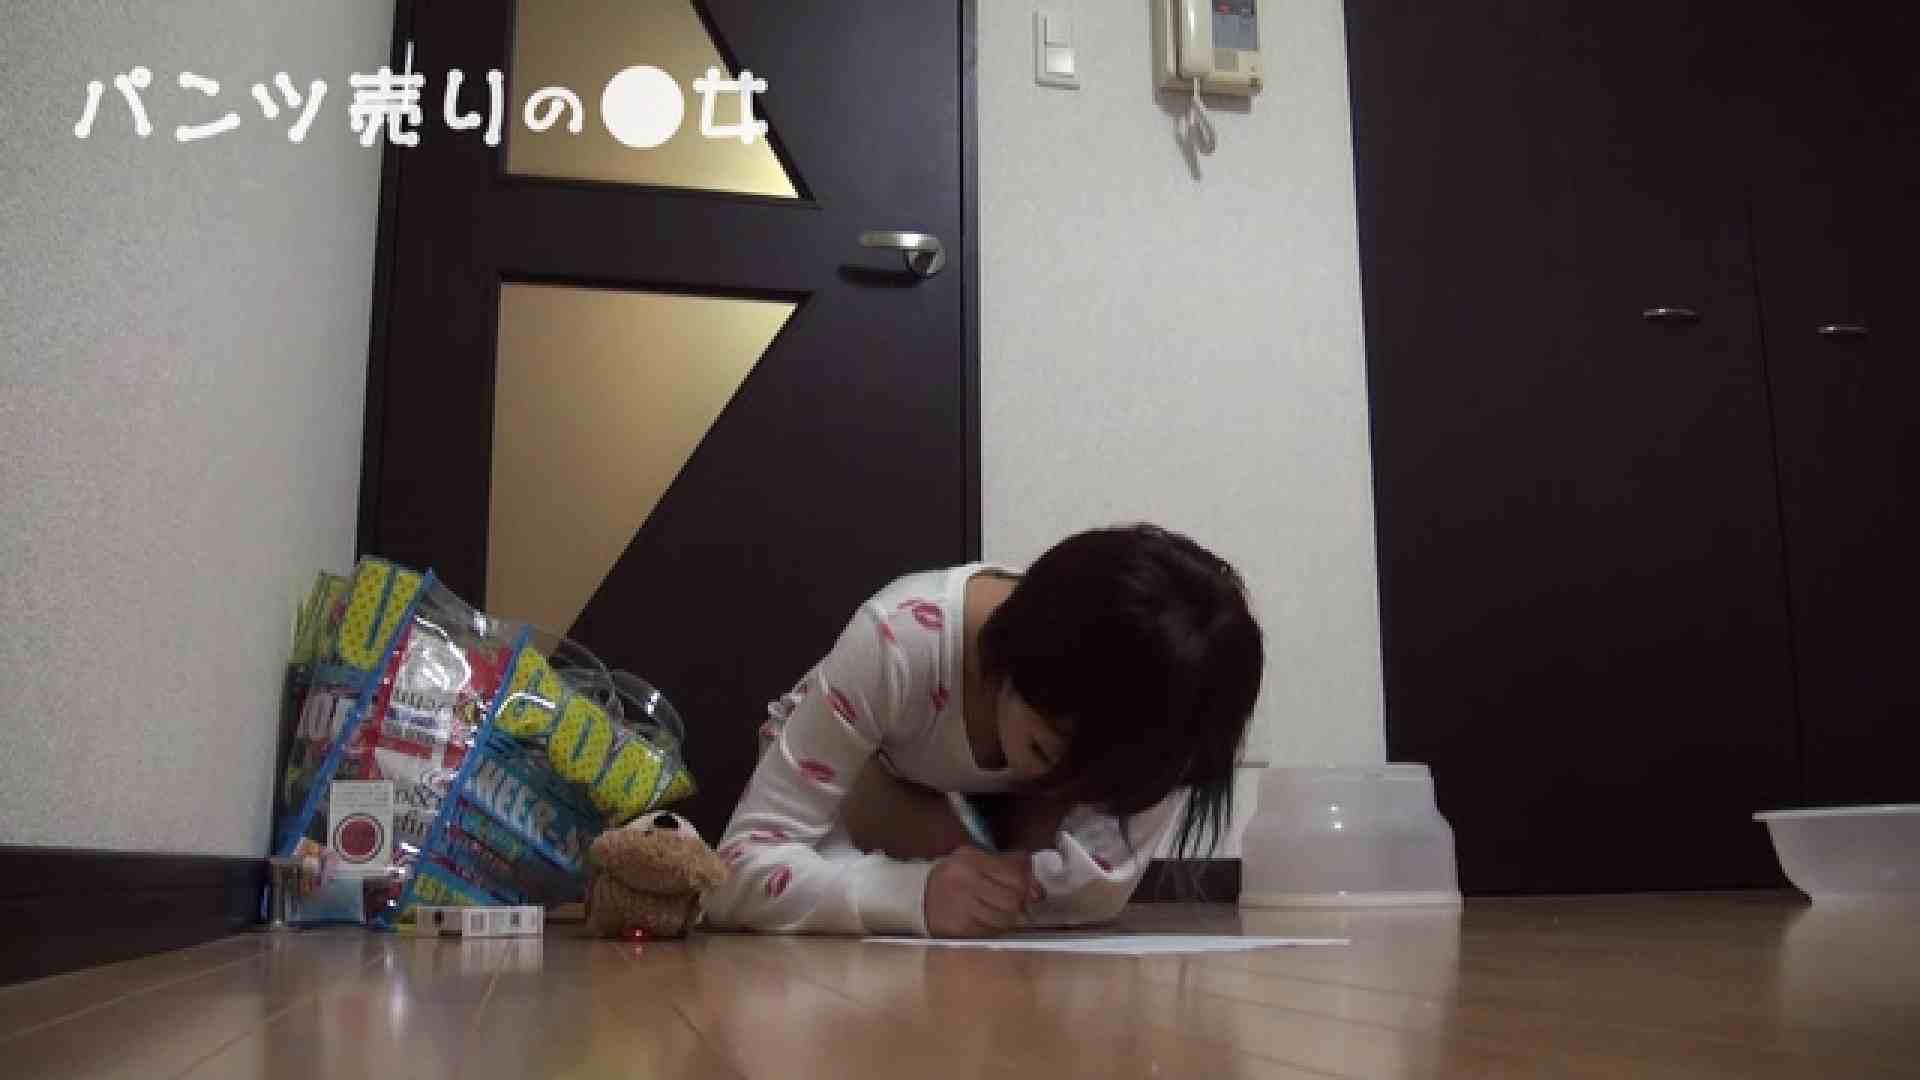 新説 パンツ売りの女の子nana 一般投稿  108枚 18